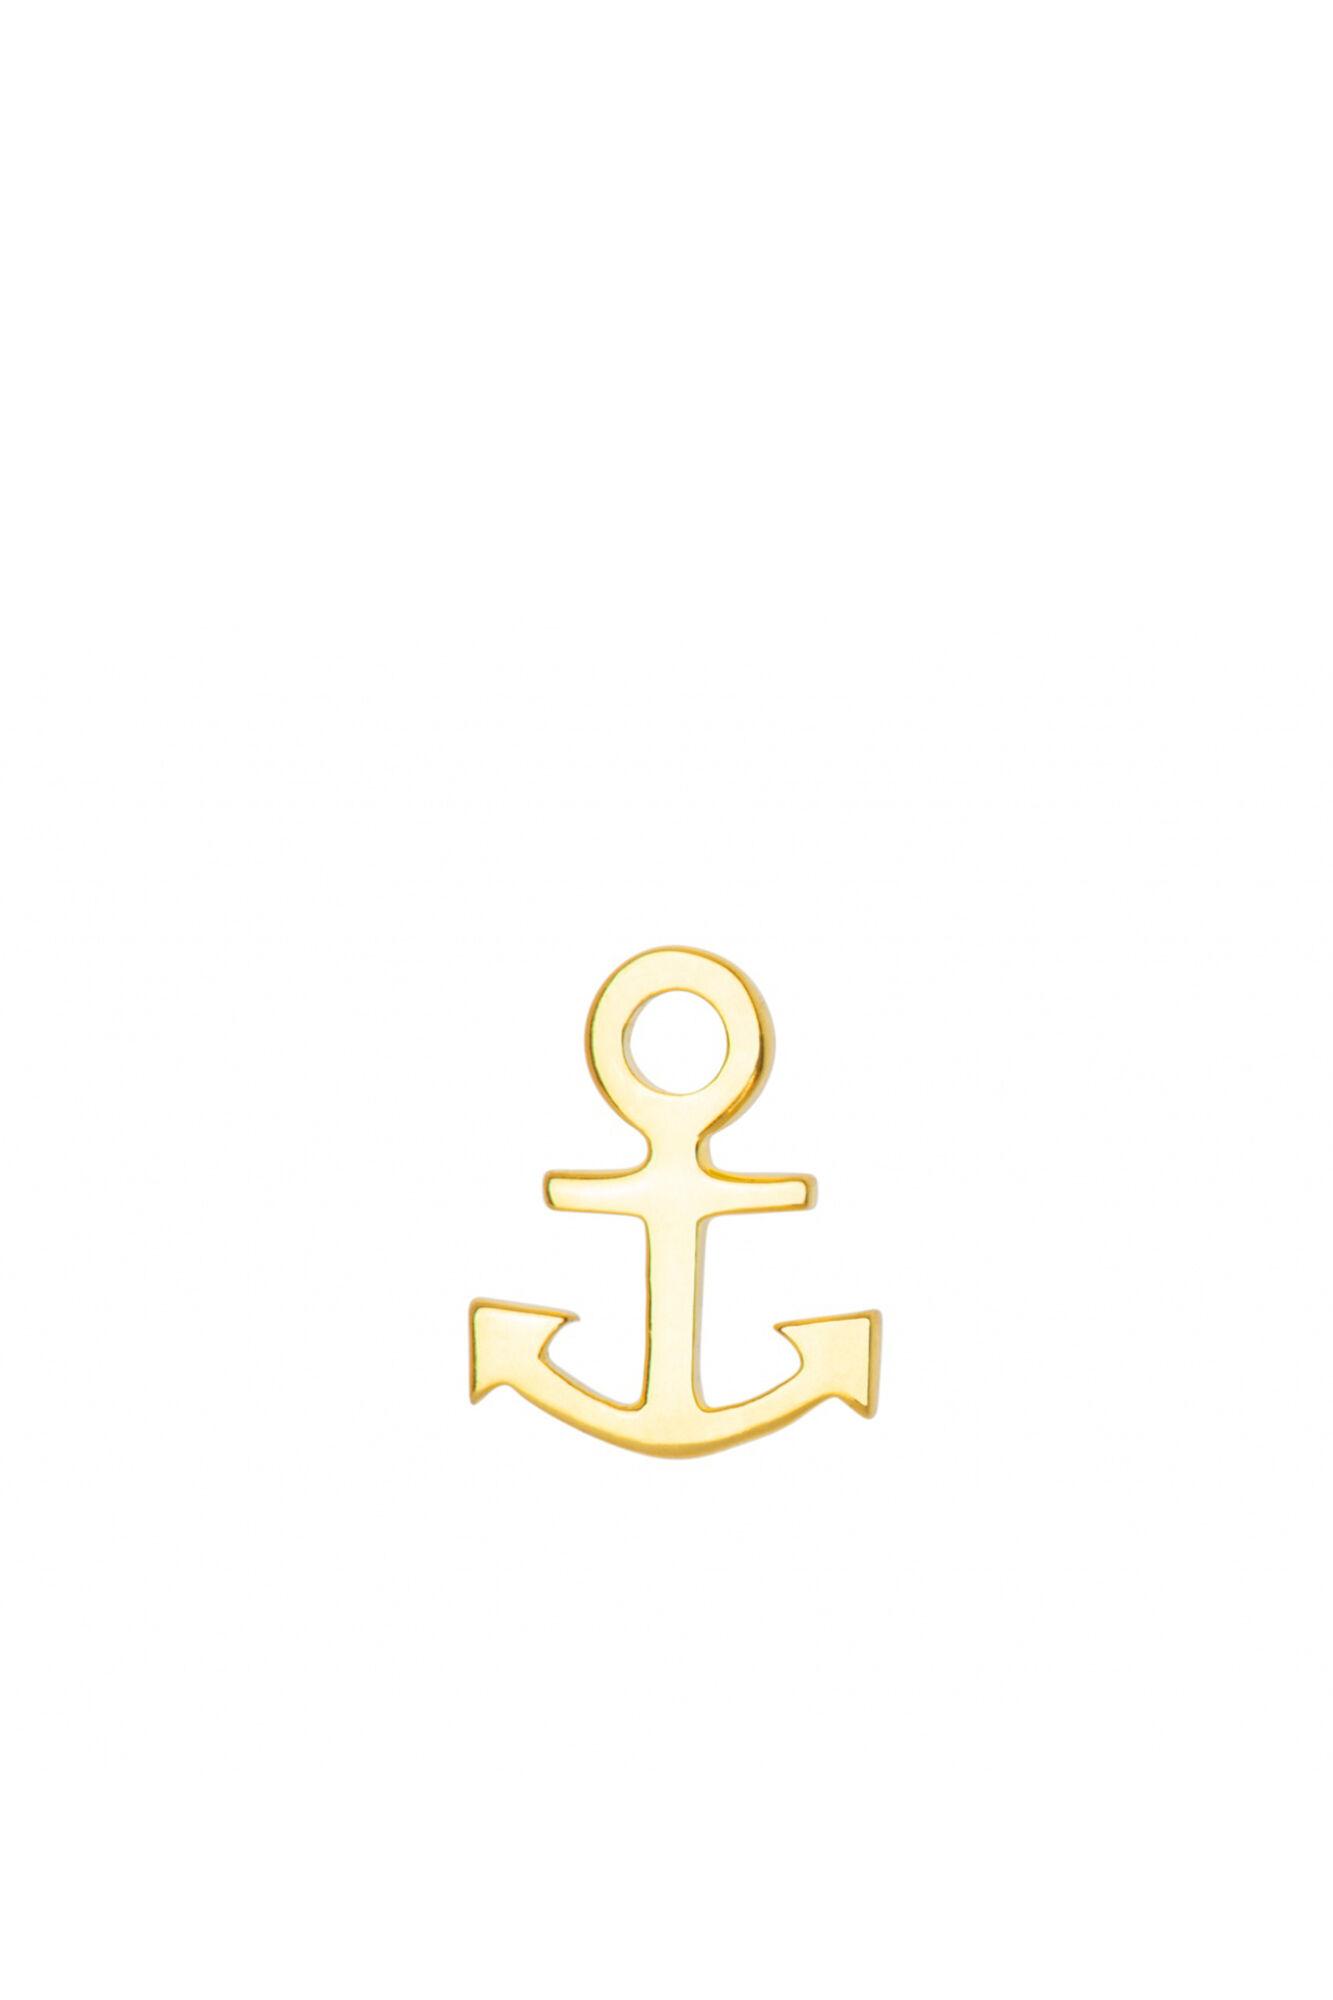 Anchor Ear Stud LULUE100, GOLD PLATED